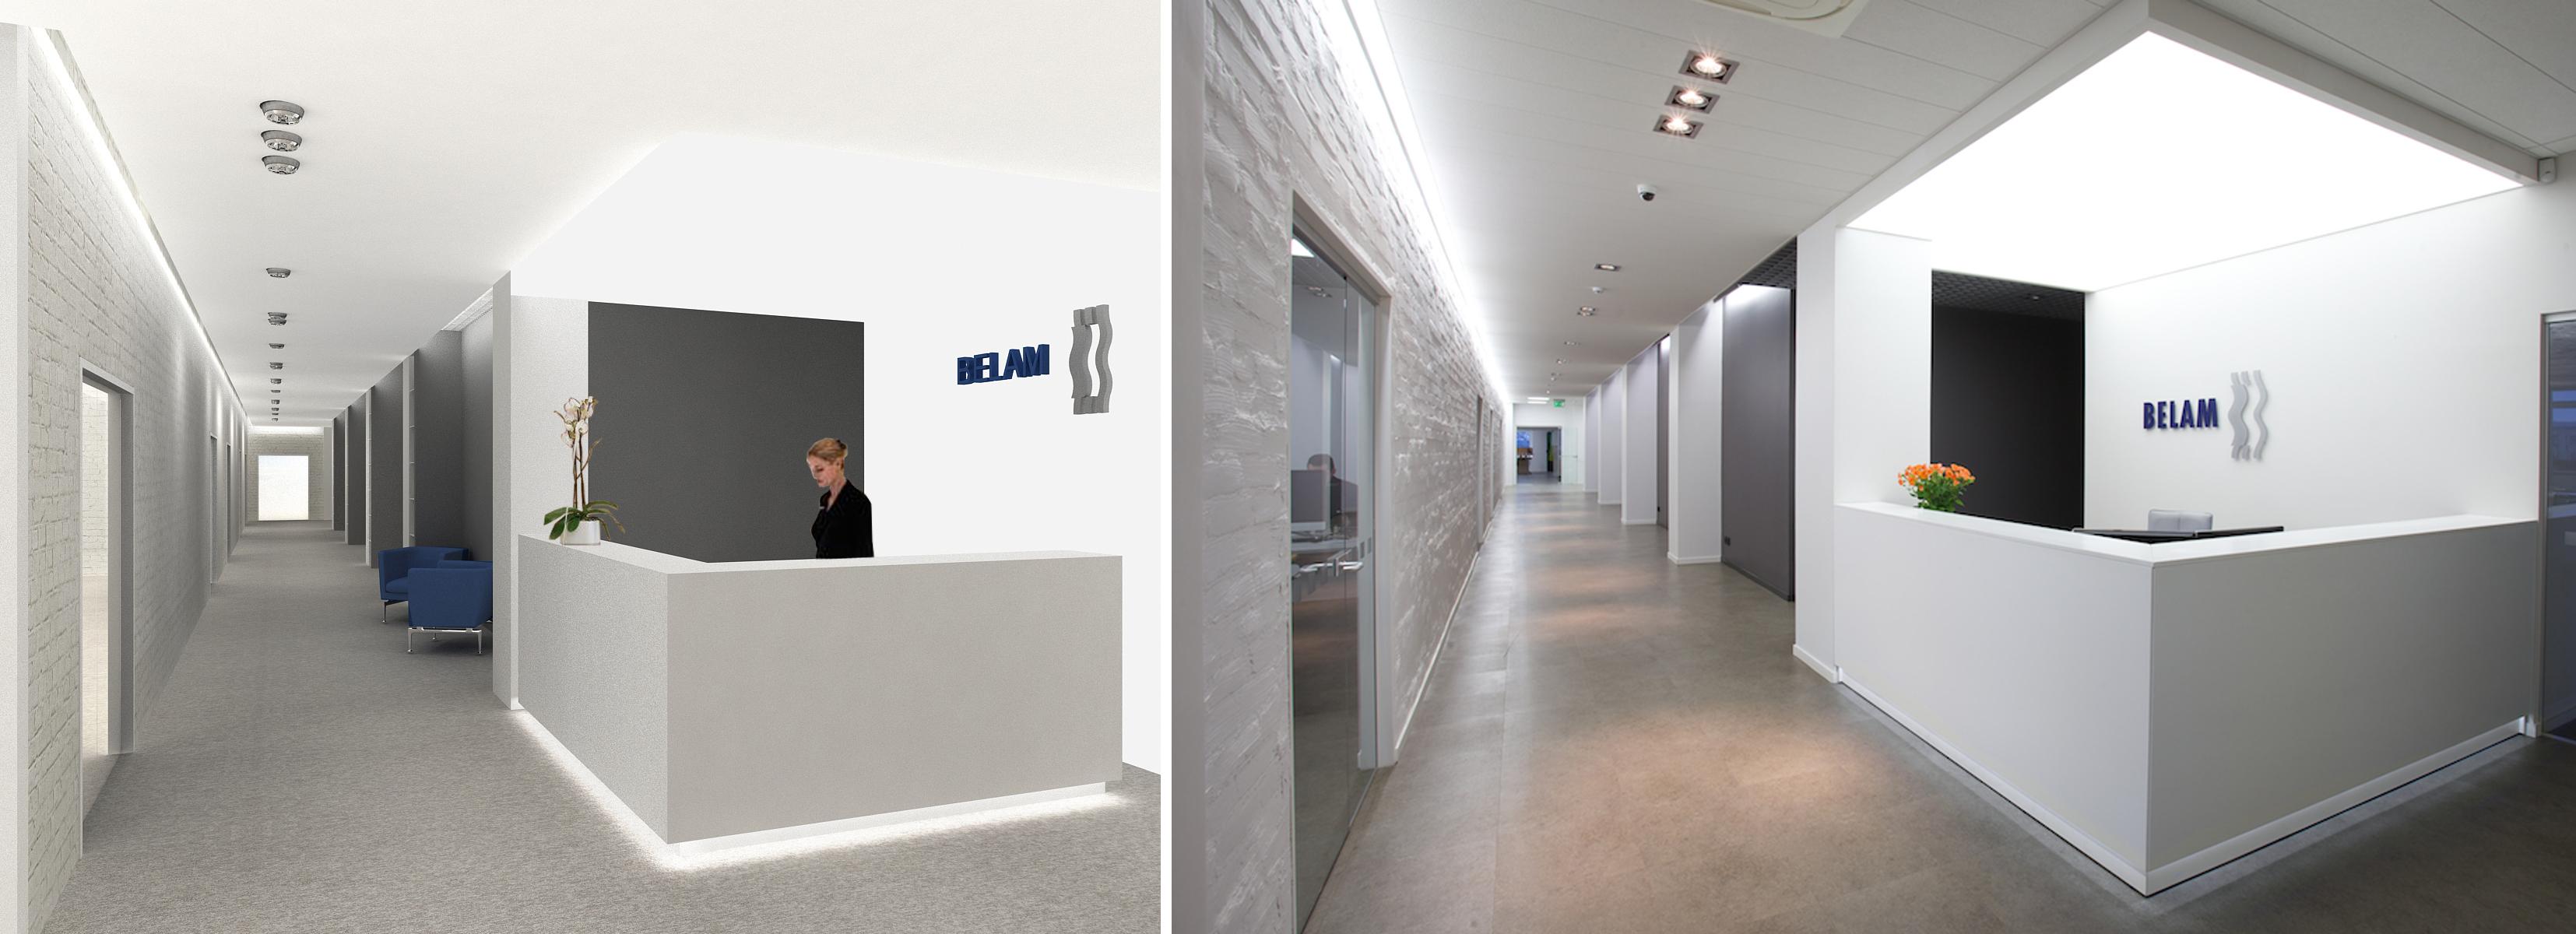 Biuro interjero projektas - vizualizacija ir galutinis vaizdas